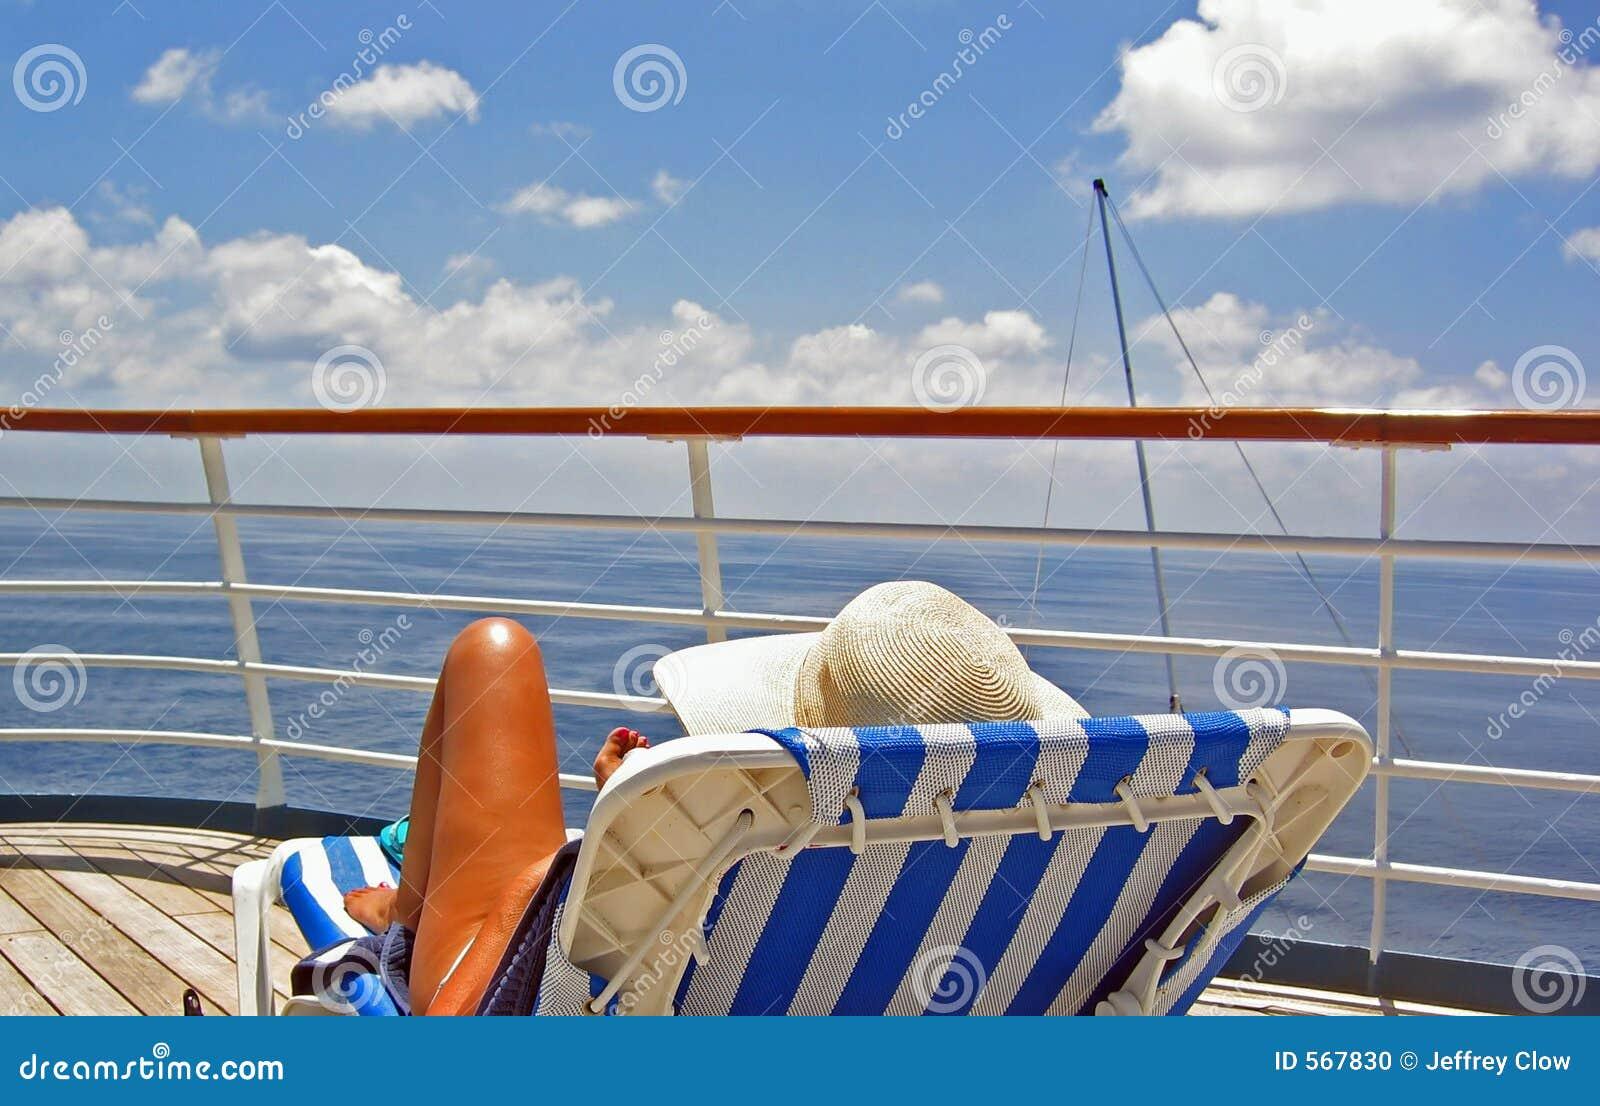 Mening van het Dek van de Cruise